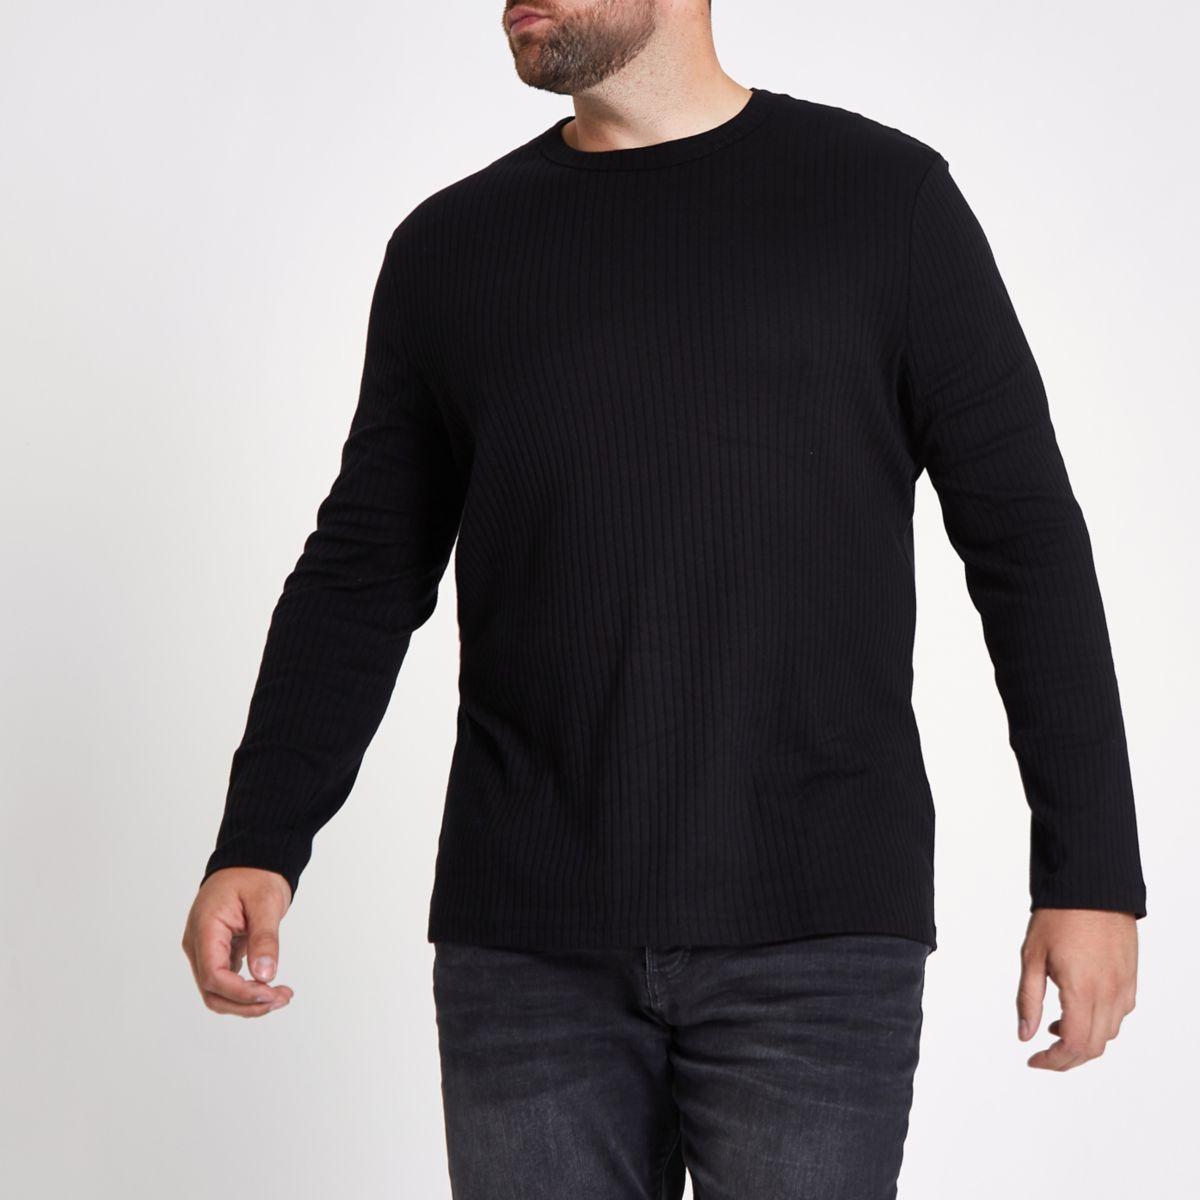 Big and Tall black rib knit crew neck jumper